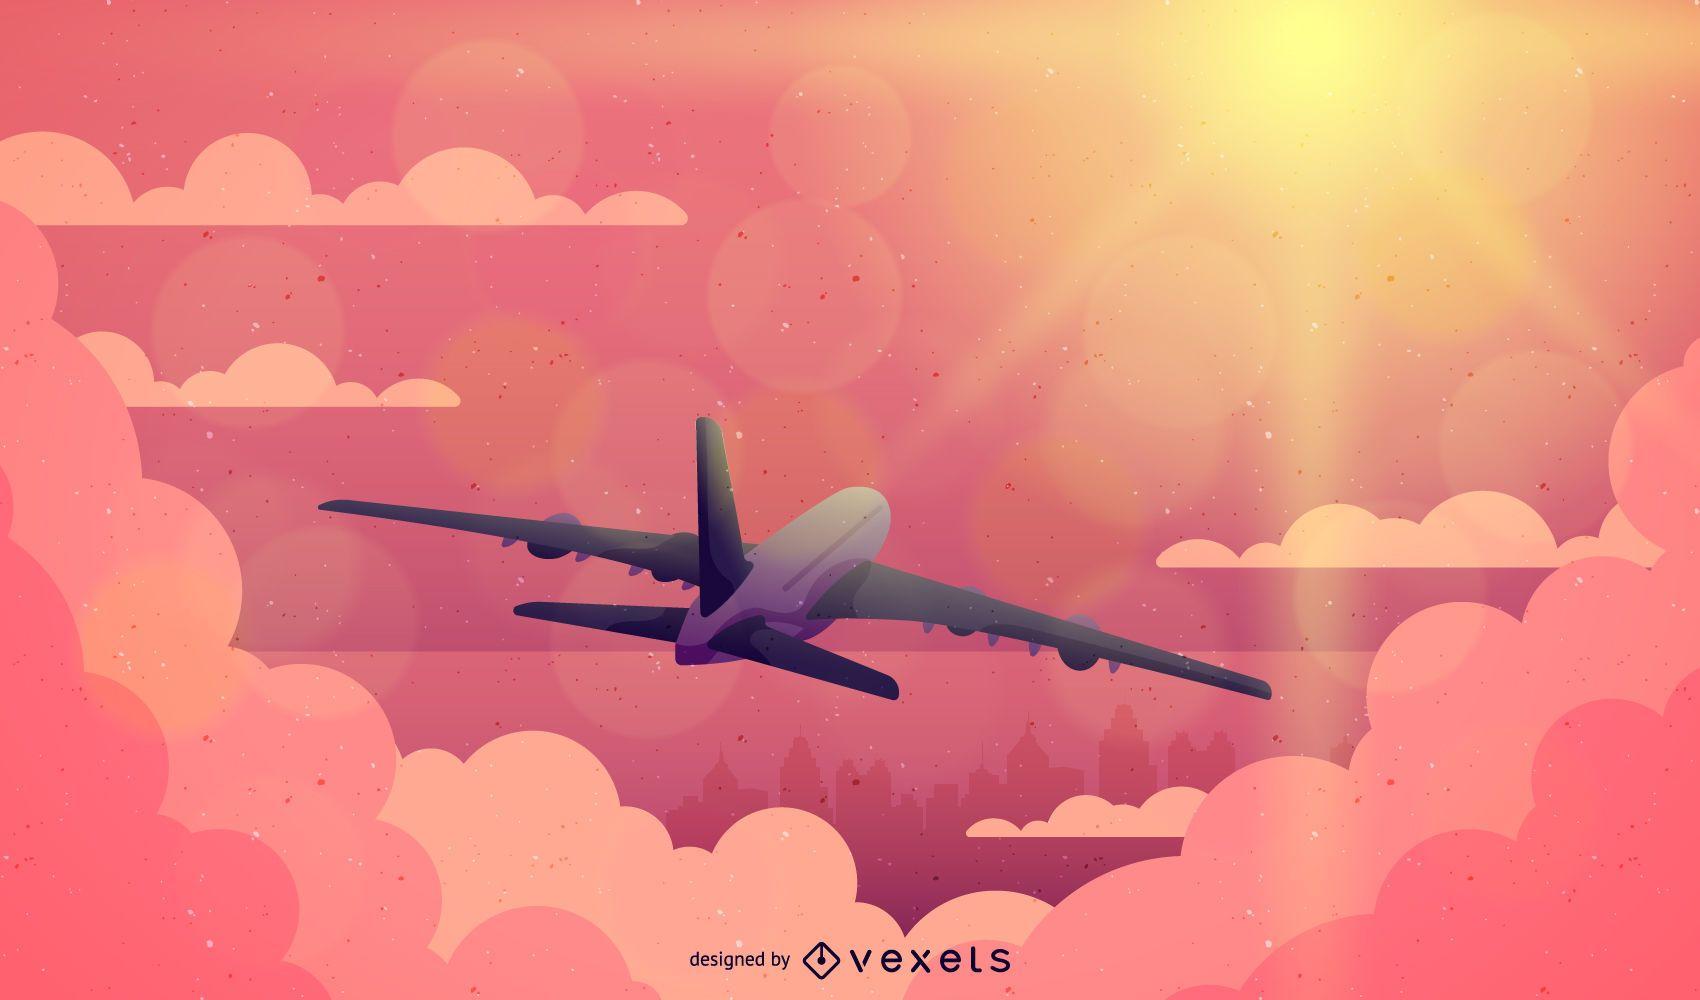 Avión volando en la ilustración del atardecer